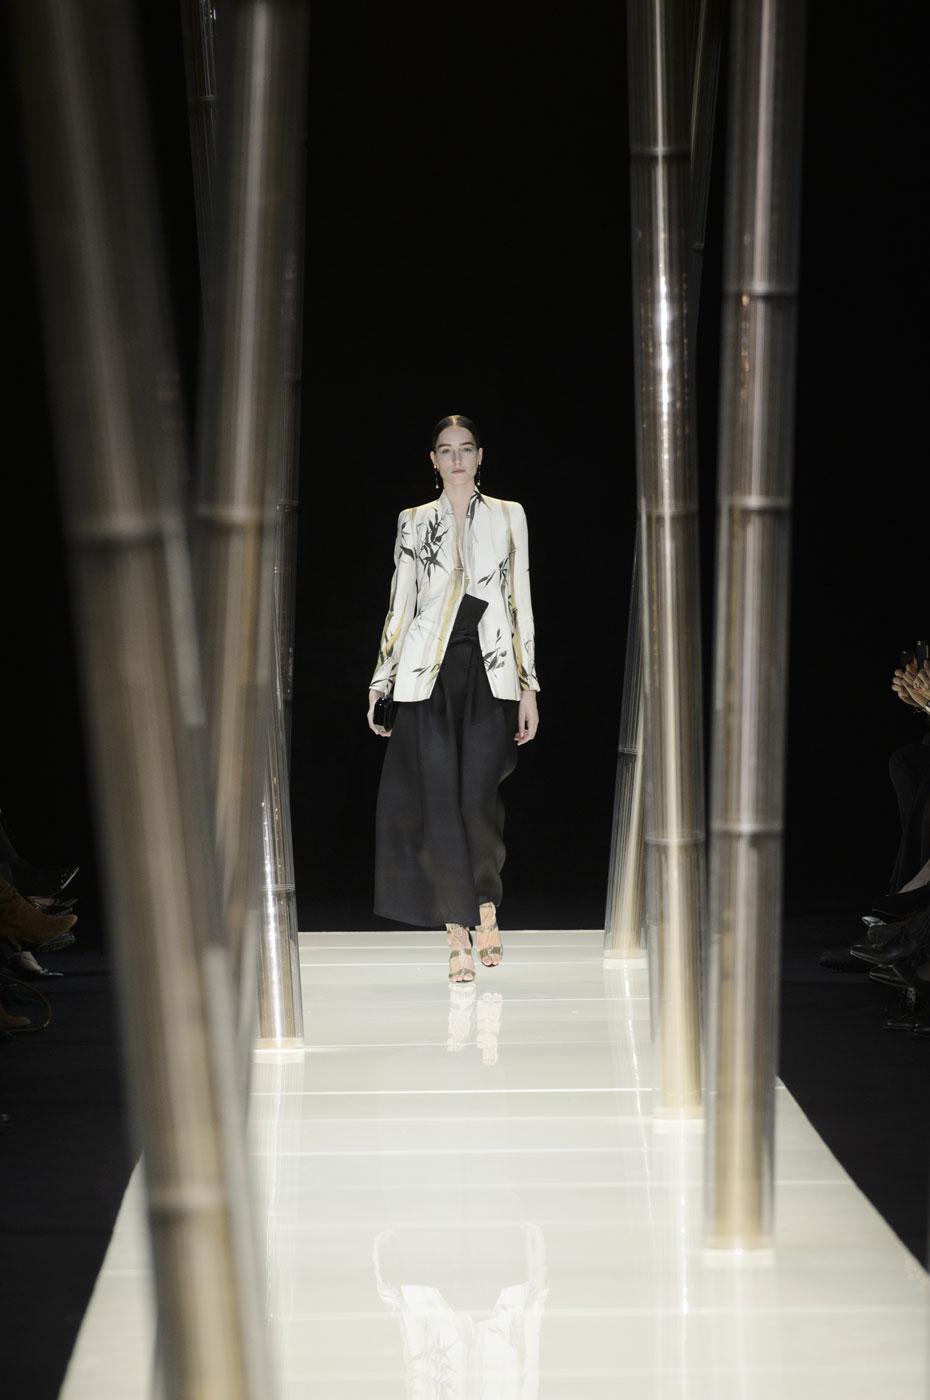 Giorgio-armani-Prive-fashion-runway-show-haute-couture-paris-spring-2015-the-impression-003